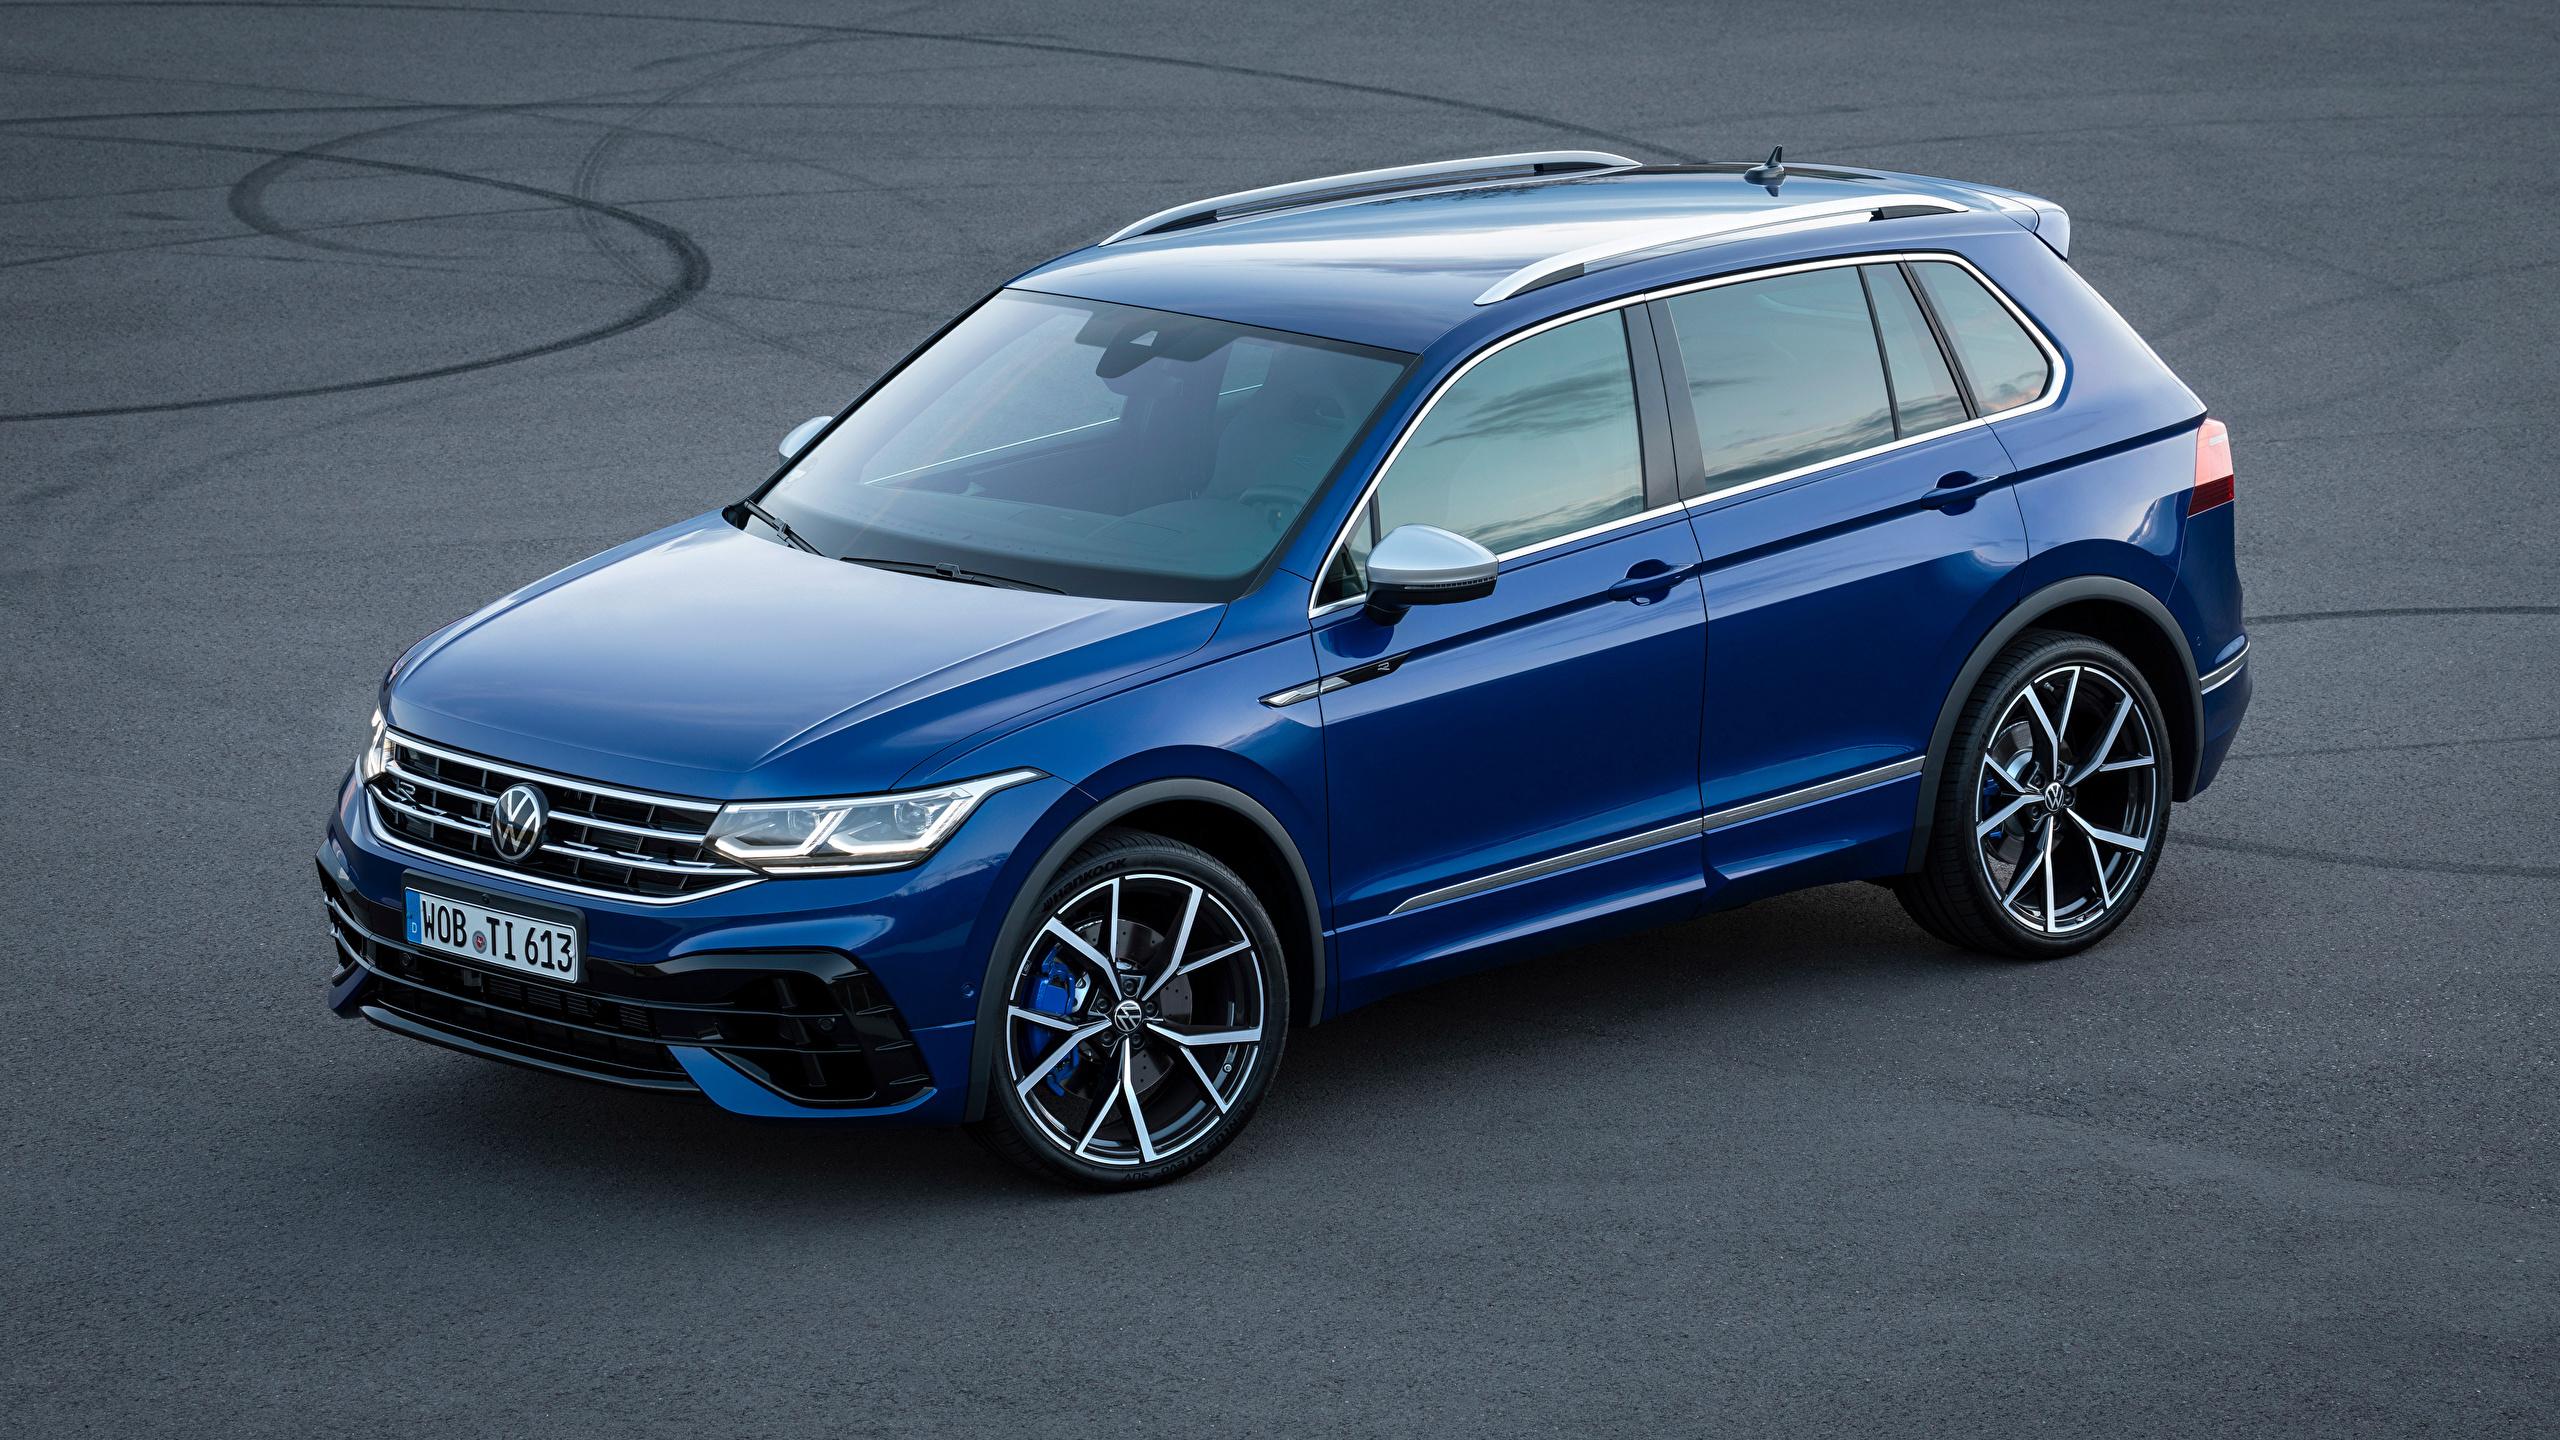 Fotos von Volkswagen Tiguan R, 2020 Blau Autos Metallisch 2560x1440 auto automobil